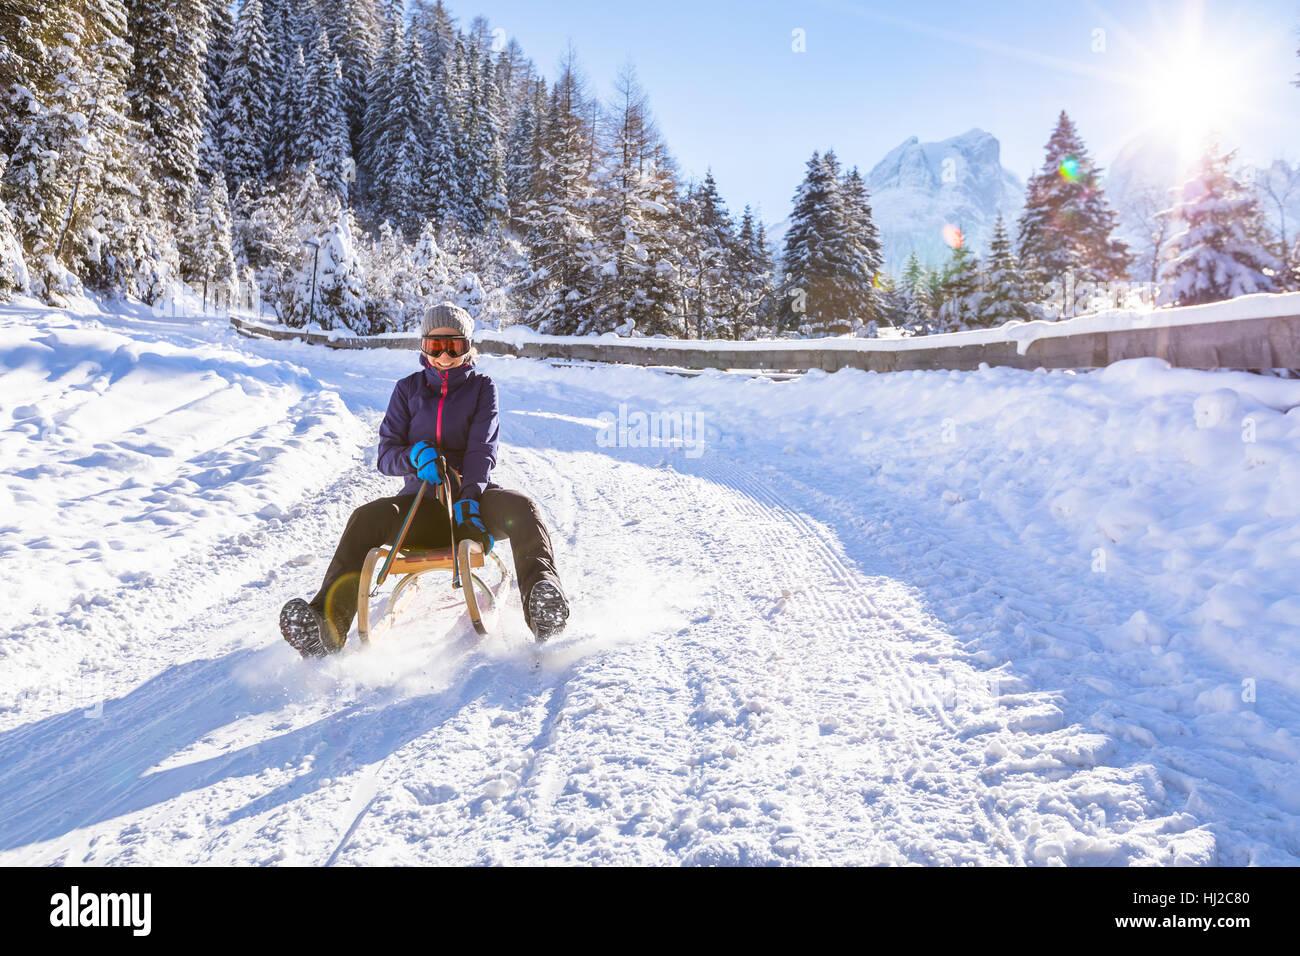 Chica alegre montando un trineo cuesta abajo en un trineo sendero cubierto de nieve en un blanco de invierno soleado Imagen De Stock